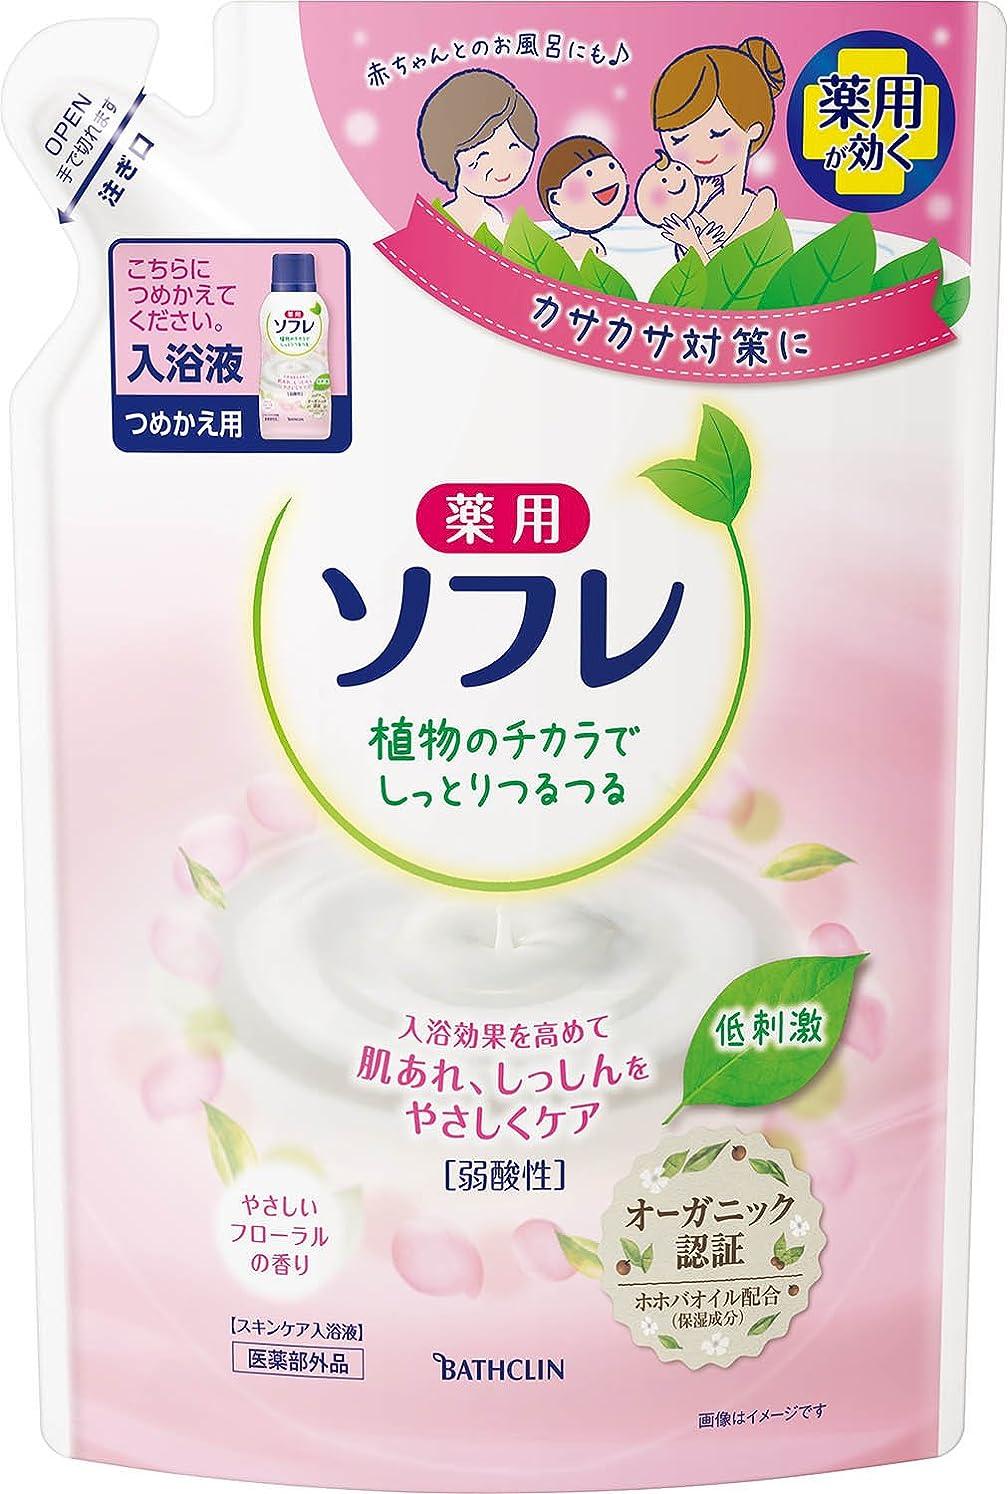 幸運な叱る服を洗う【医薬部外品】薬用ソフレ スキンケア入浴剤 やさしいフローラルの香り つめかえ用 600ml 入浴剤(赤ちゃんと一緒に使えます) 保湿タイプ